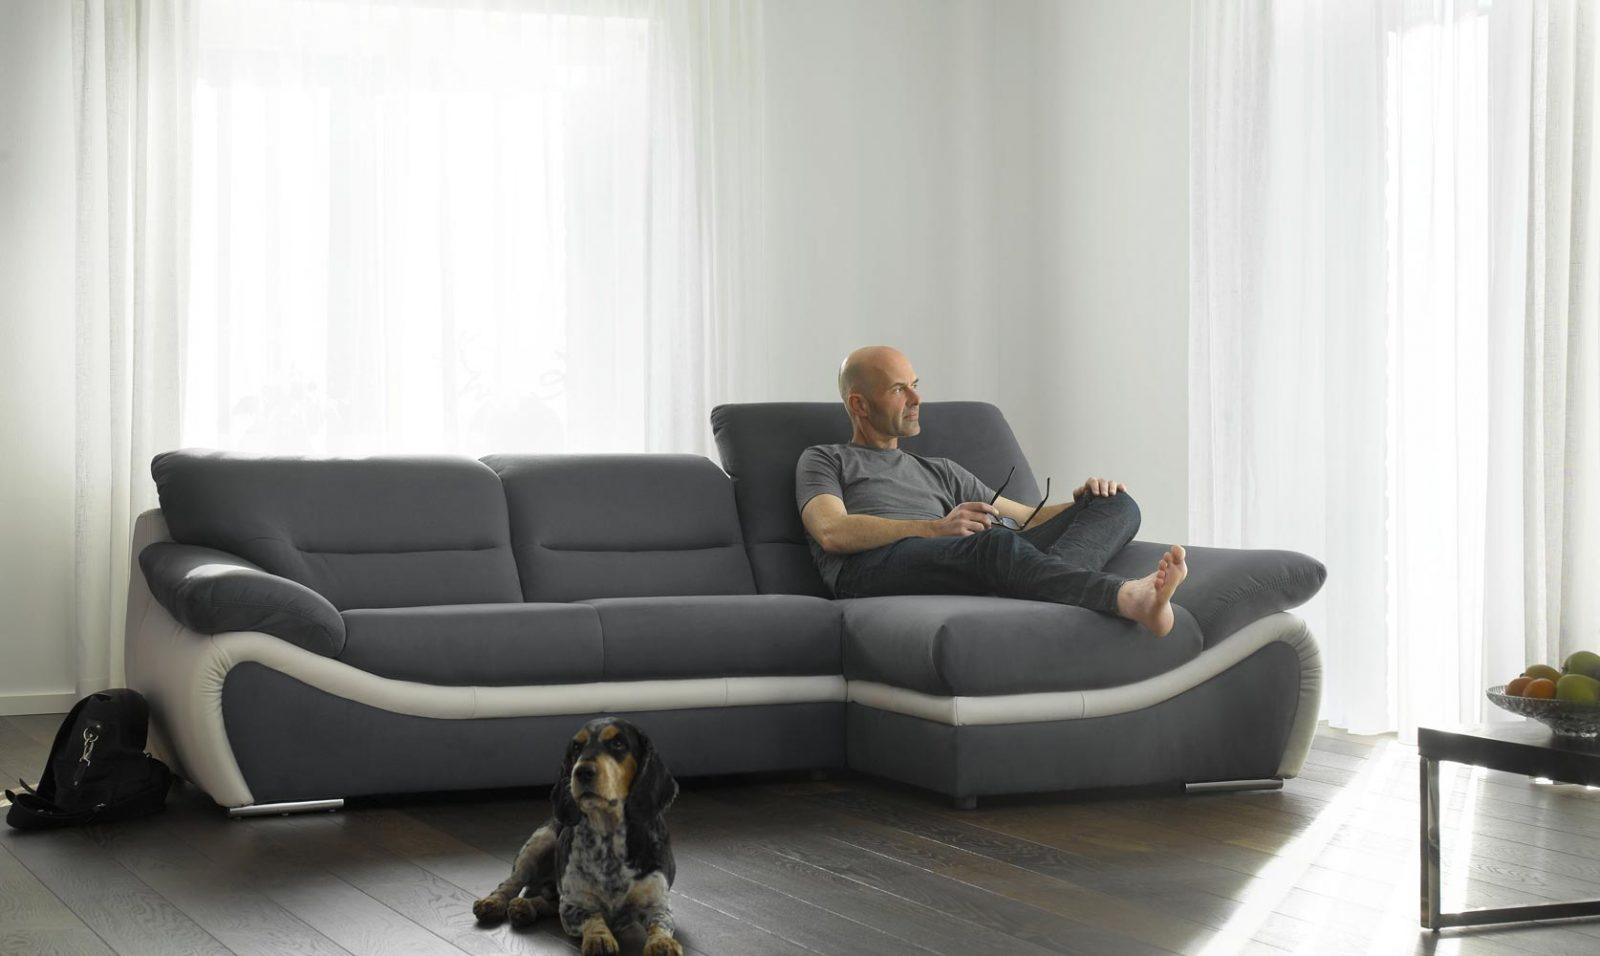 Sof chaise longue contemporneo  Imgenes y fotos